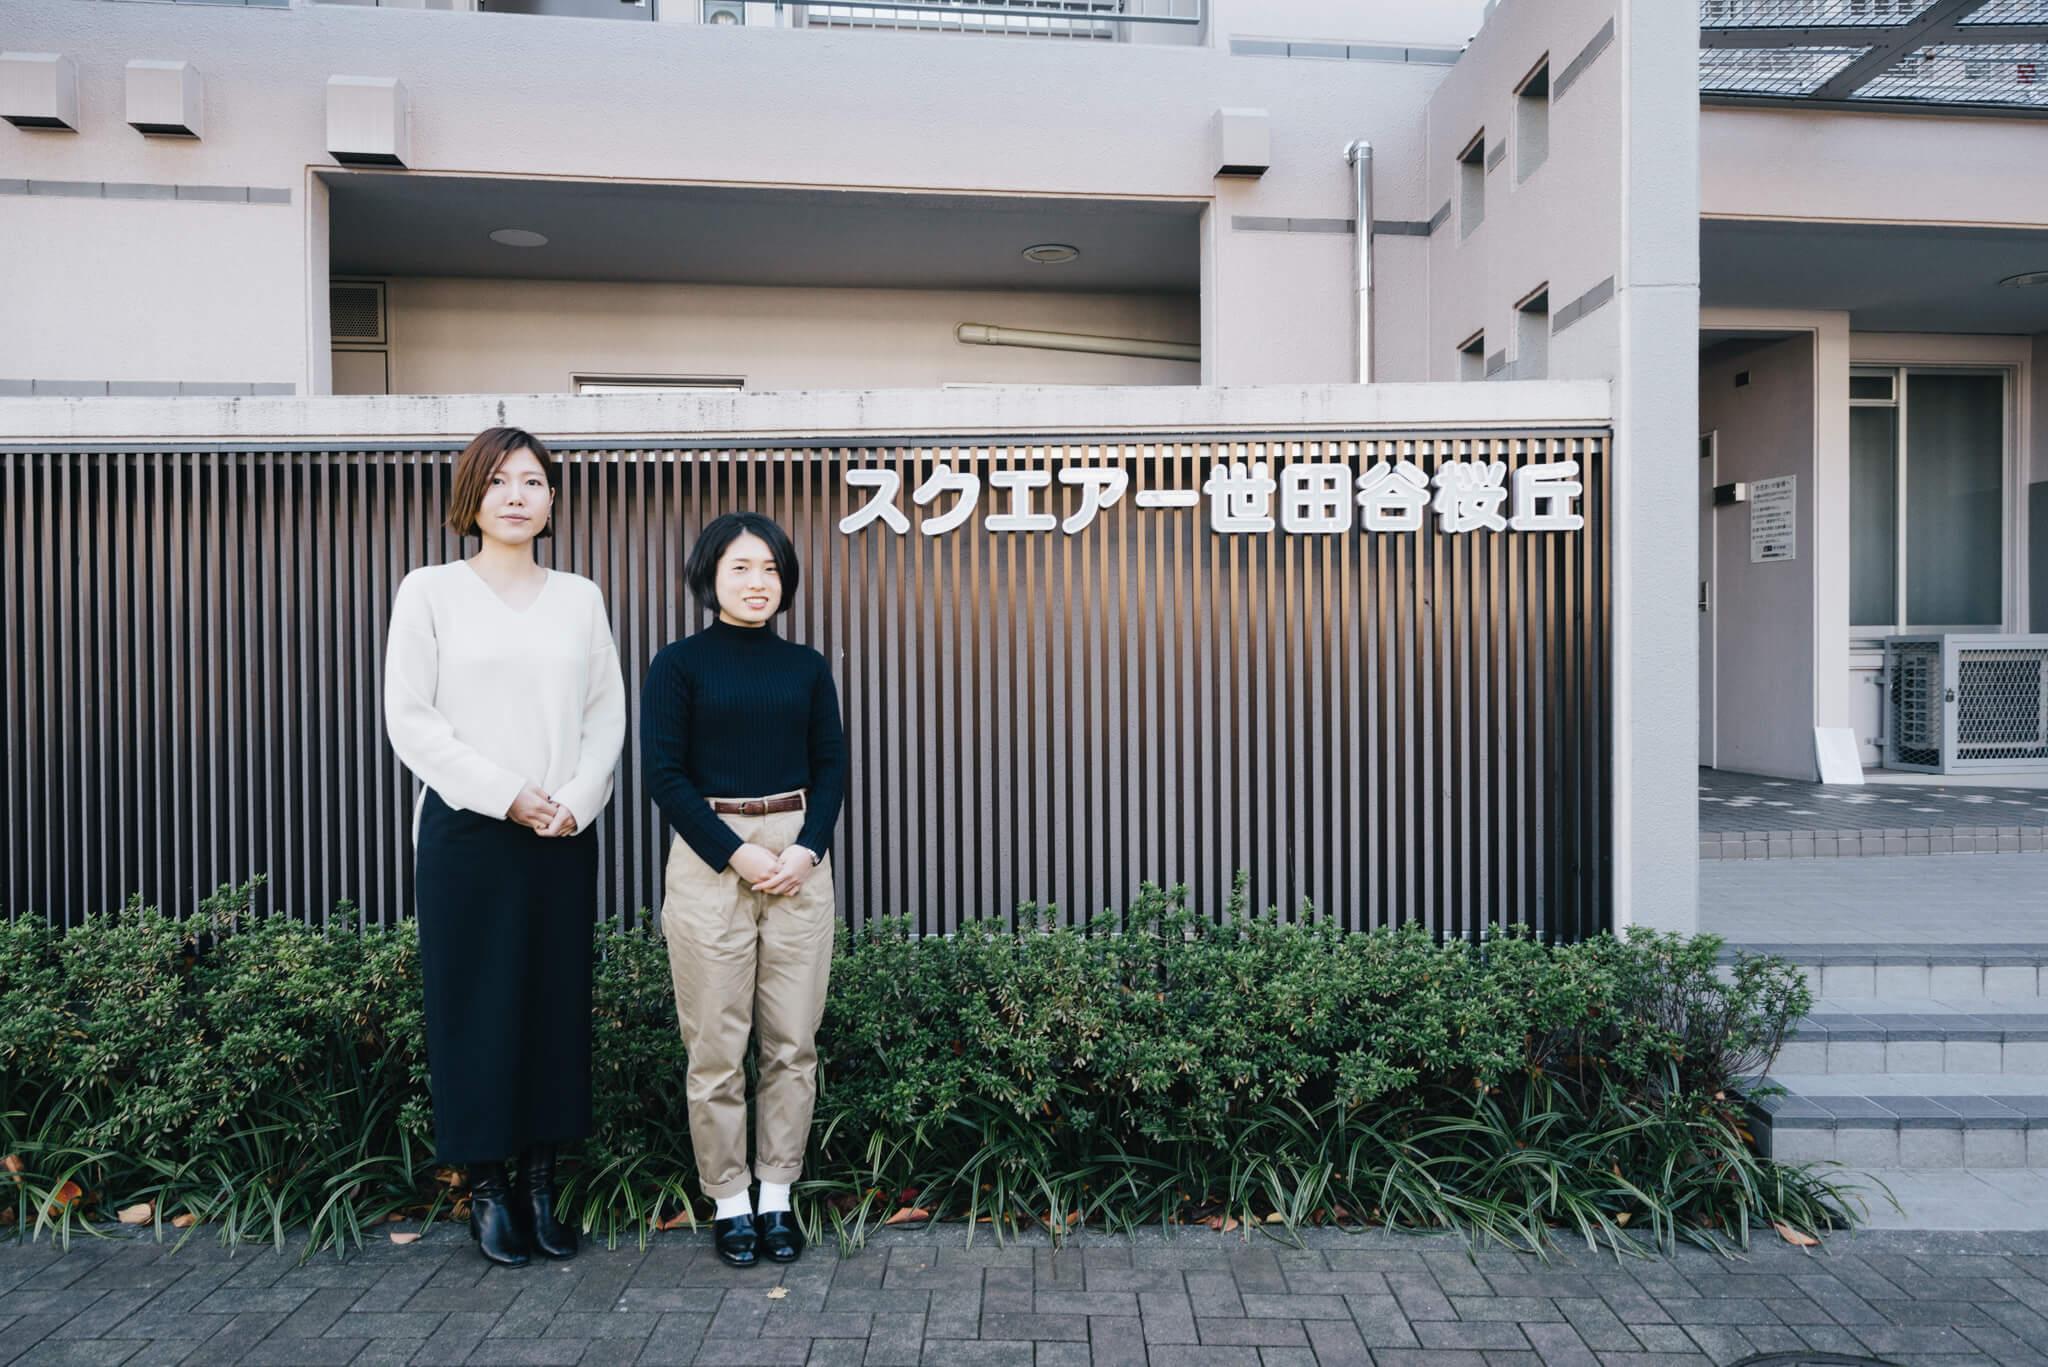 ご案内いただいたのは、UR都市機構の宇都宮さん(写真左)と大鶴さん(写真右)。